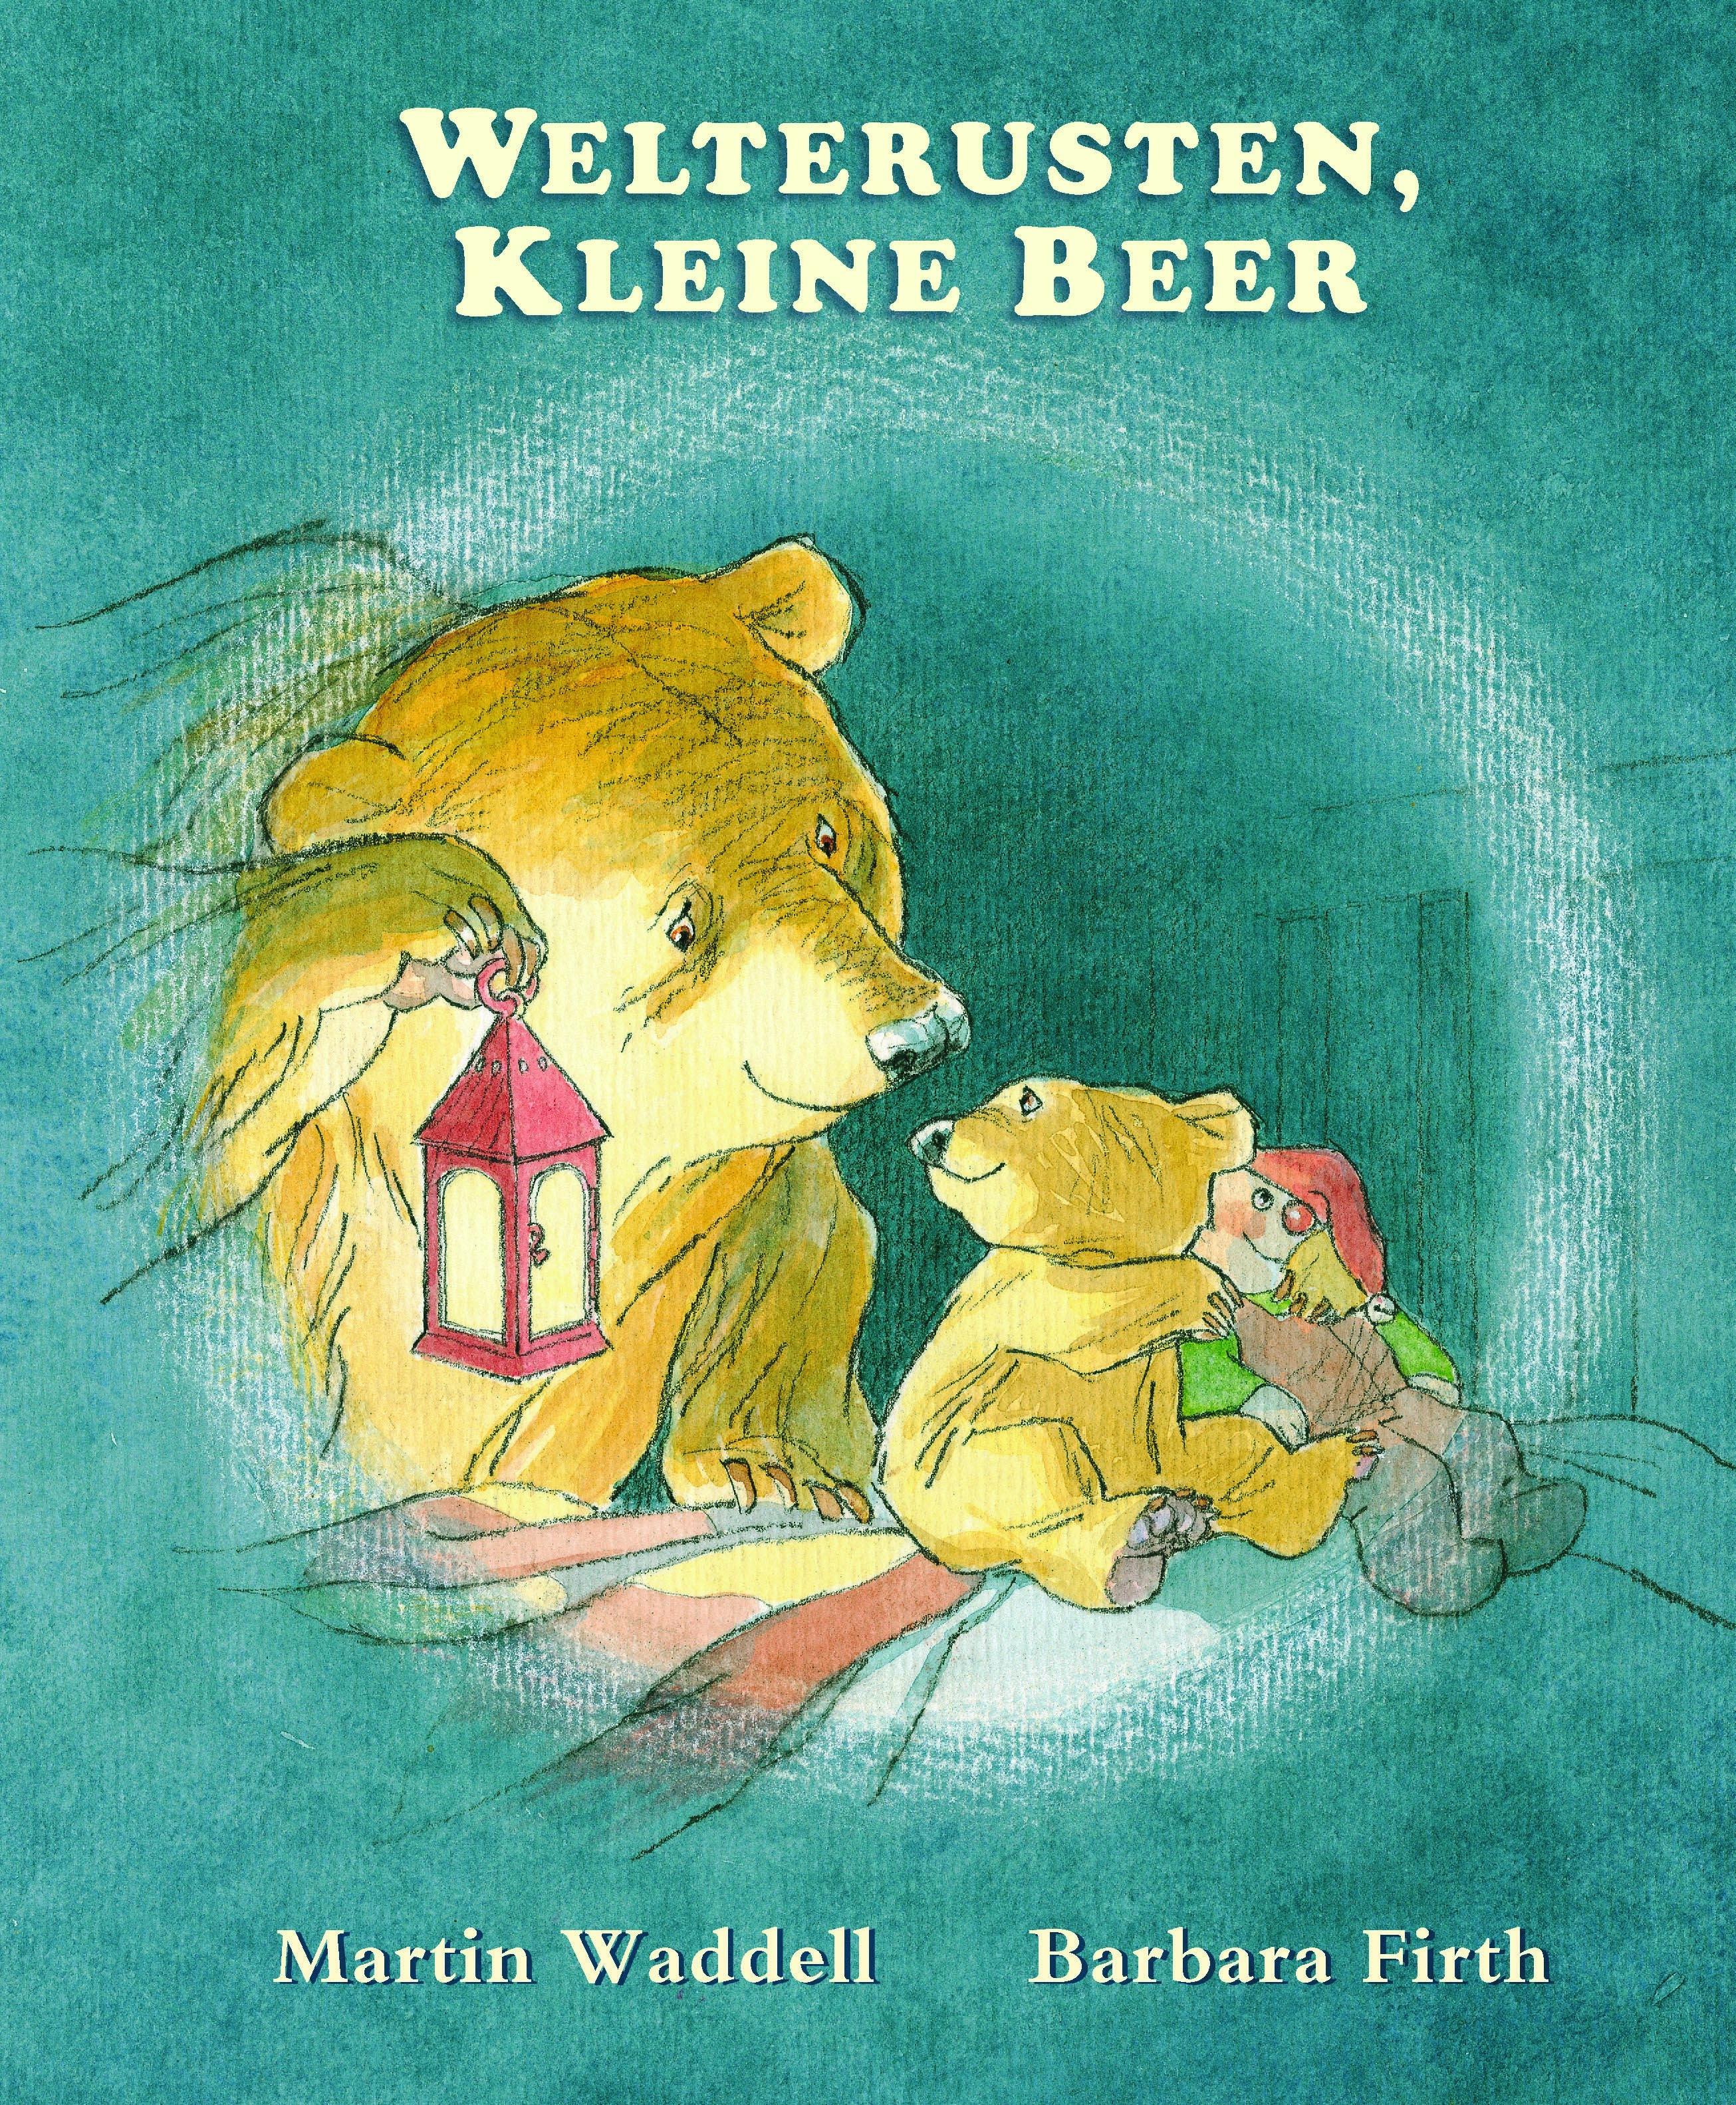 Welterusten Kleine Beer – Martin Waddell en Barbara Firth